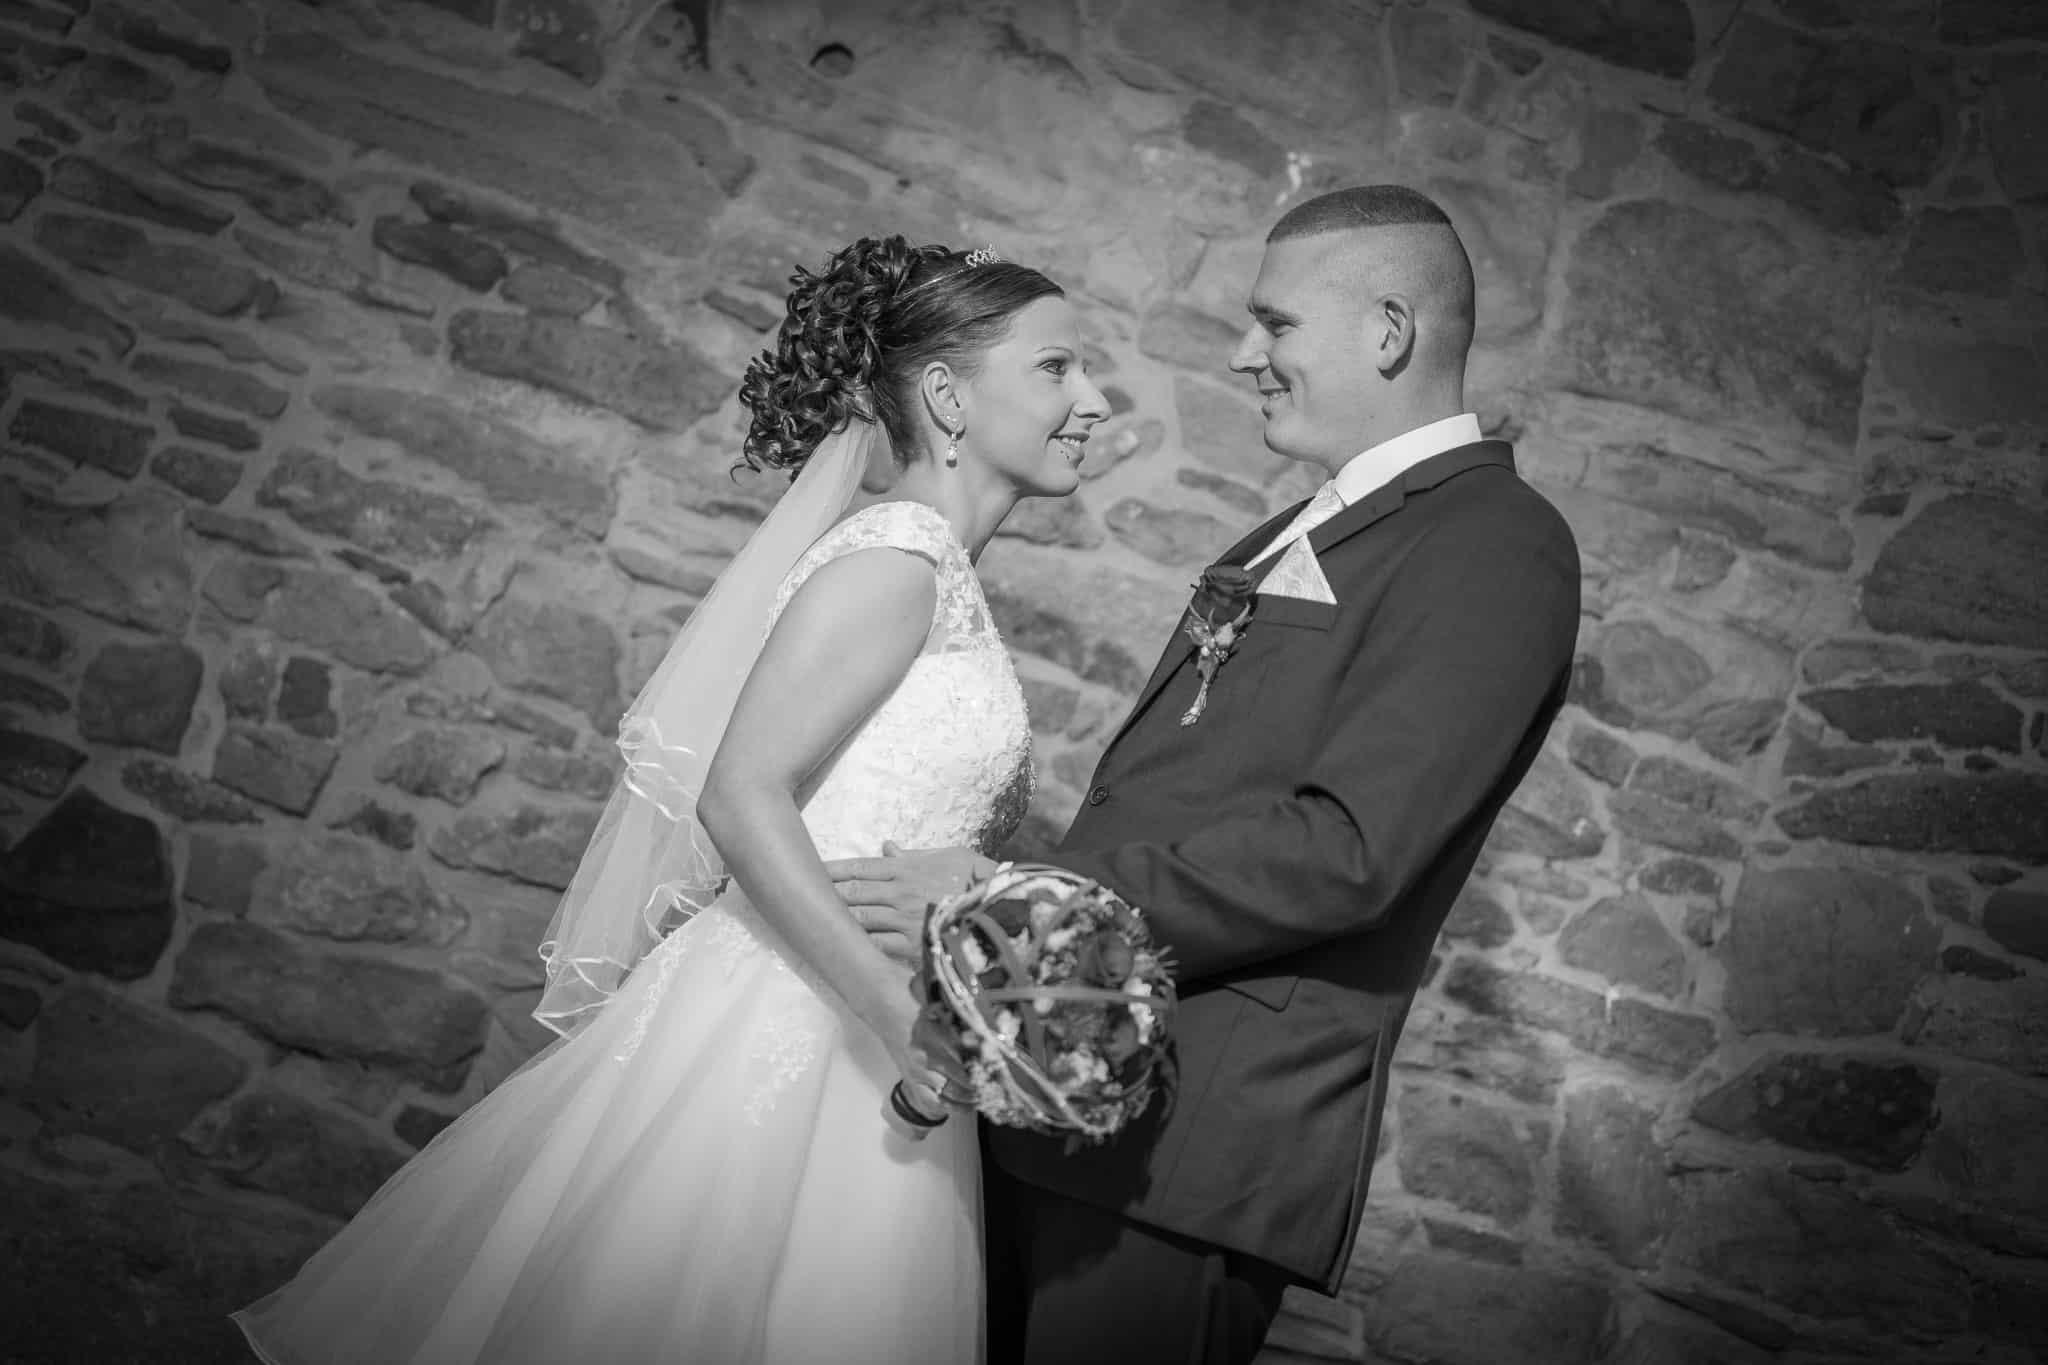 Hochzeitsfoto aufgenommen von Fotograf in Alzey www.janweber.photography